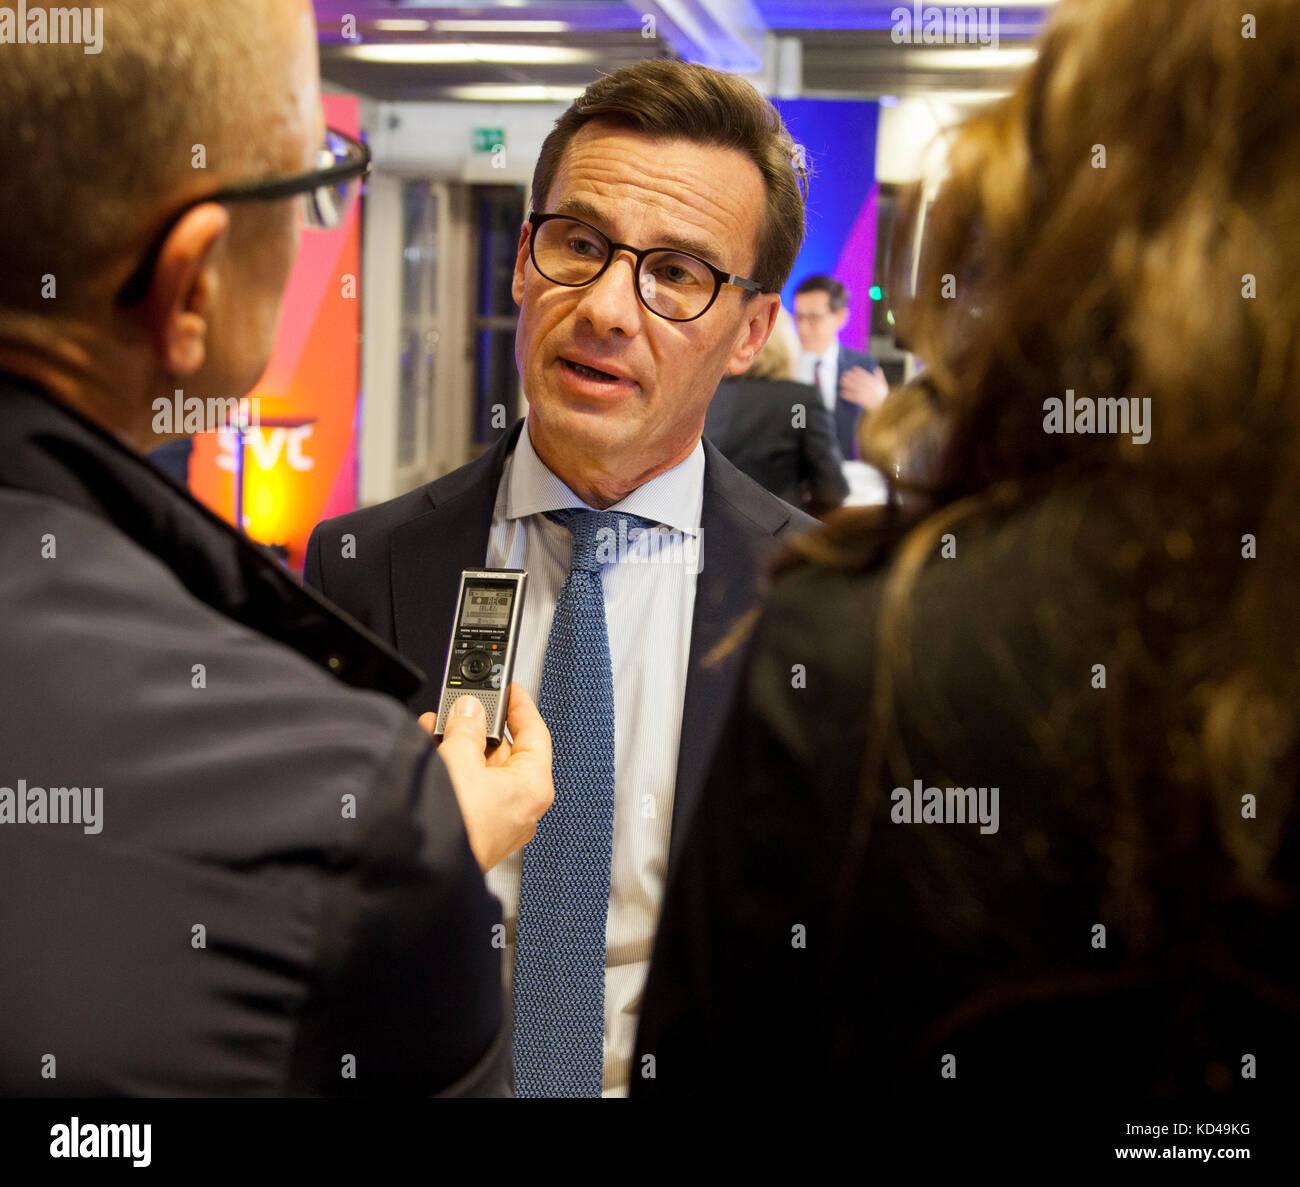 La svedese elezione anno 2018 iniziò con un party leadership dibattito in televisione svedese,il nuovo moderaternas Immagini Stock